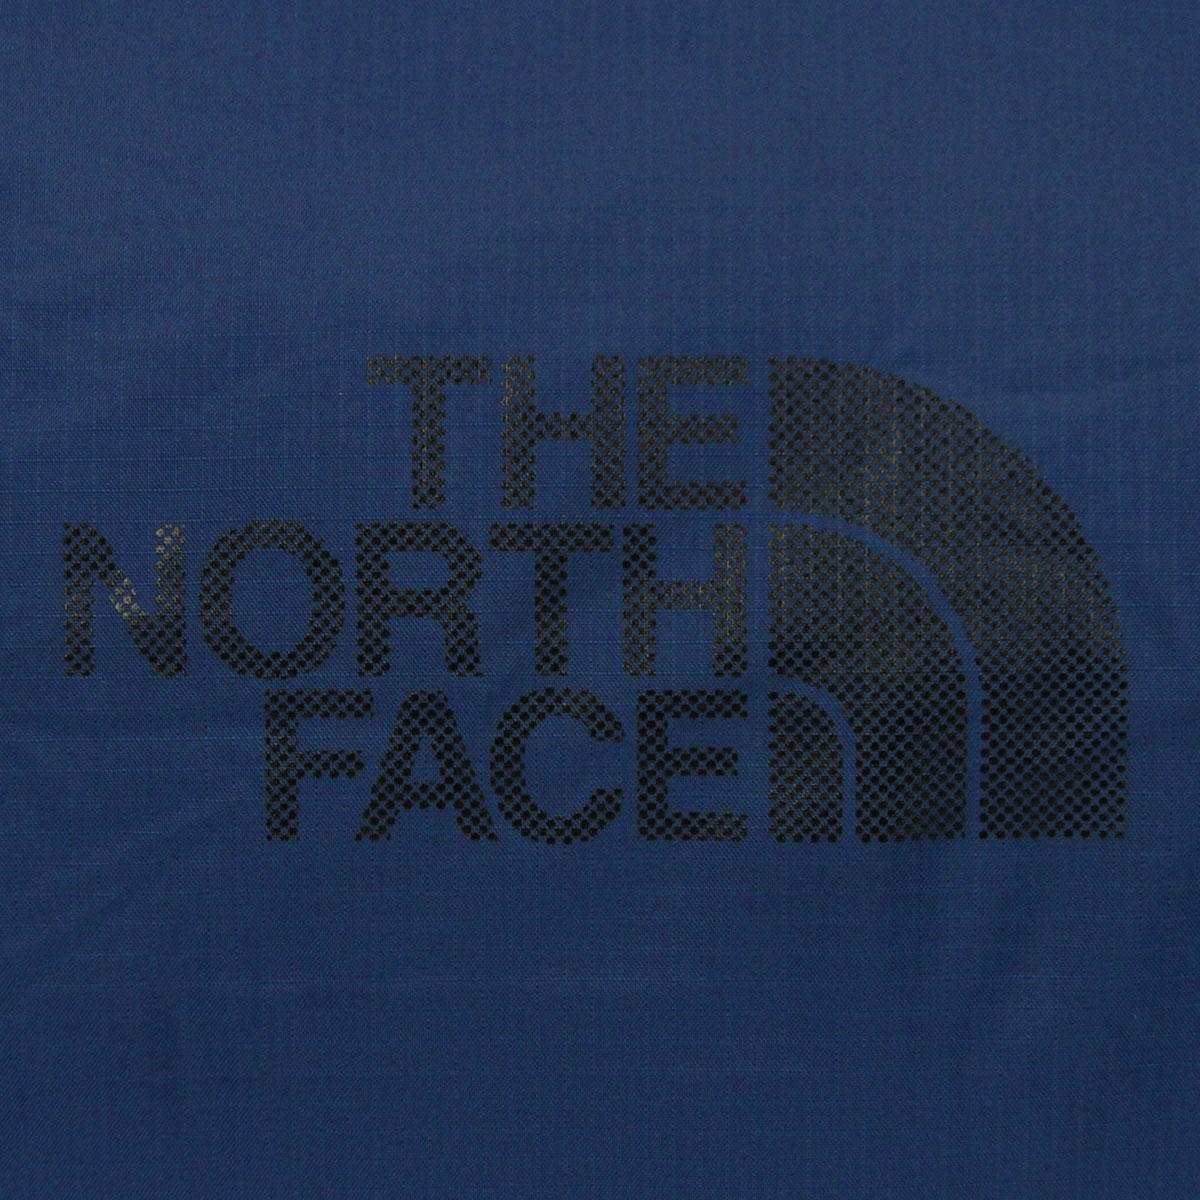 ノースフェイス THE NORTH FACE 正規品 メンズ レディース ボストンバッグ BASIC ZIP FLYWEIGHT DUFFEL L ESTATE BLUE 32L A14B B3C C8D D7E E06F